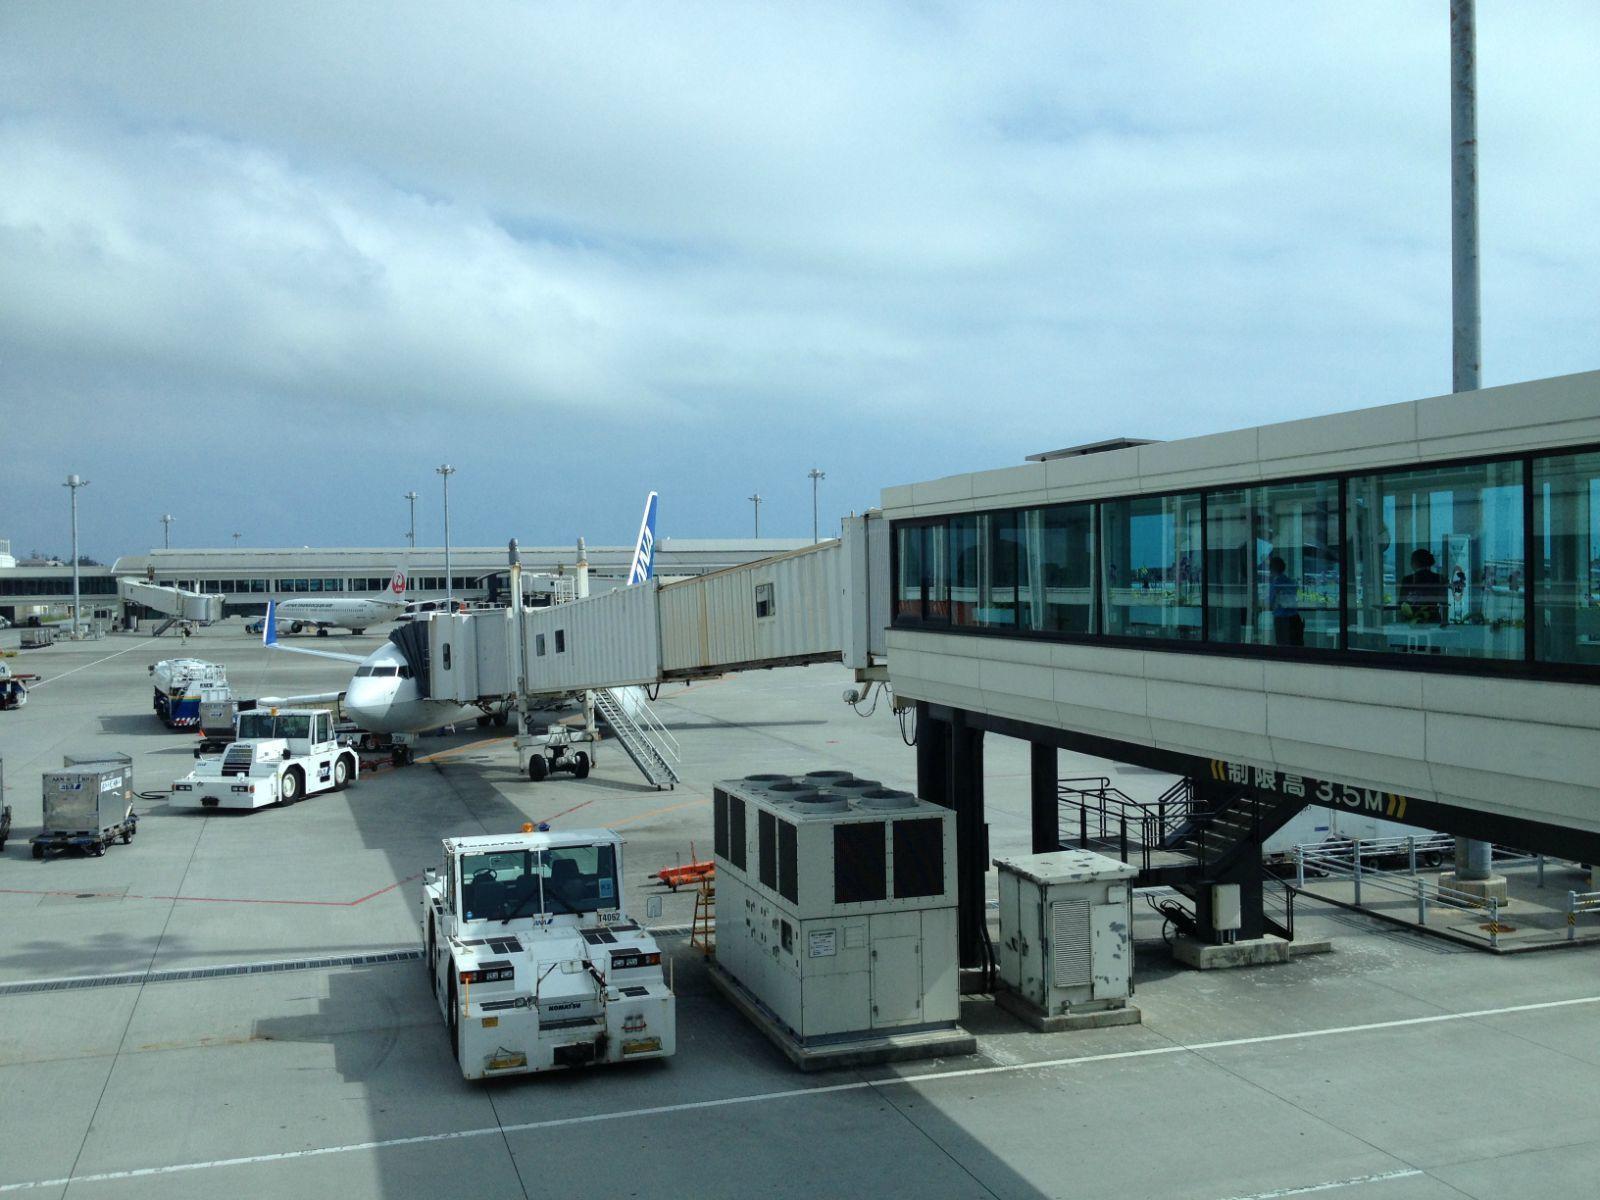 na的飞机去石垣岛了